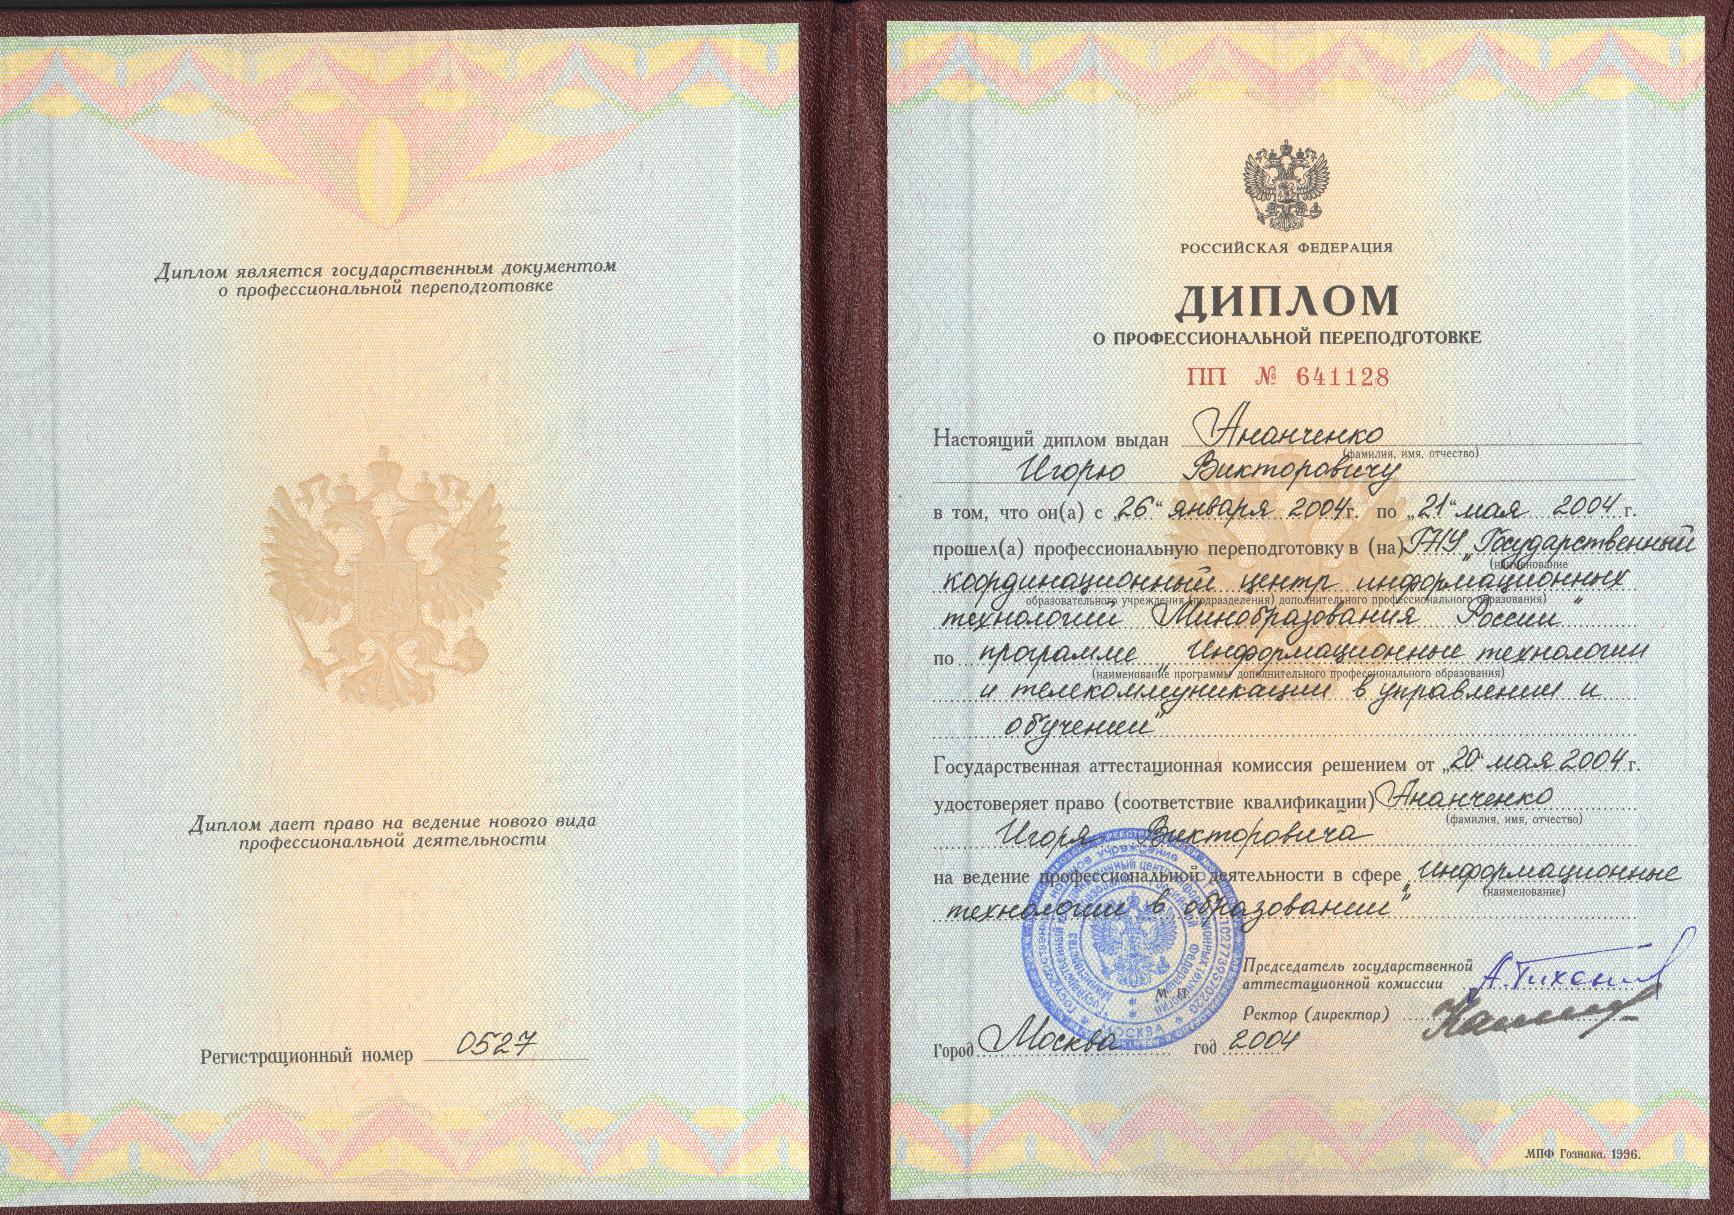 ru Дипломы и сертификаты  Программа Информационные технологии и телекоммуникации в управлении и обучении 26 01 04 21 05 04